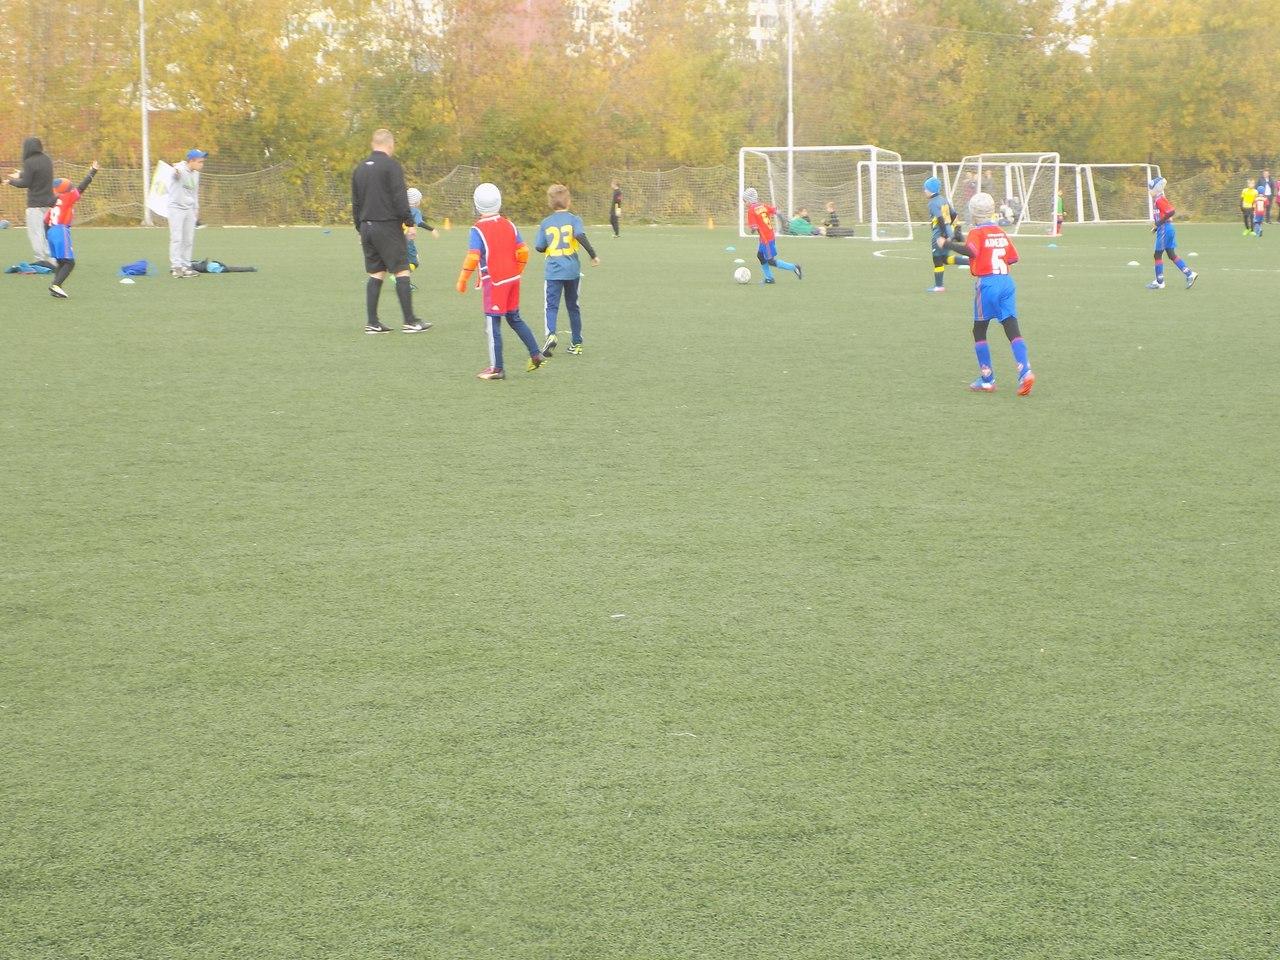 Итоги второго игрового дня турнира по футболу среди детских команд 2009 г.р.